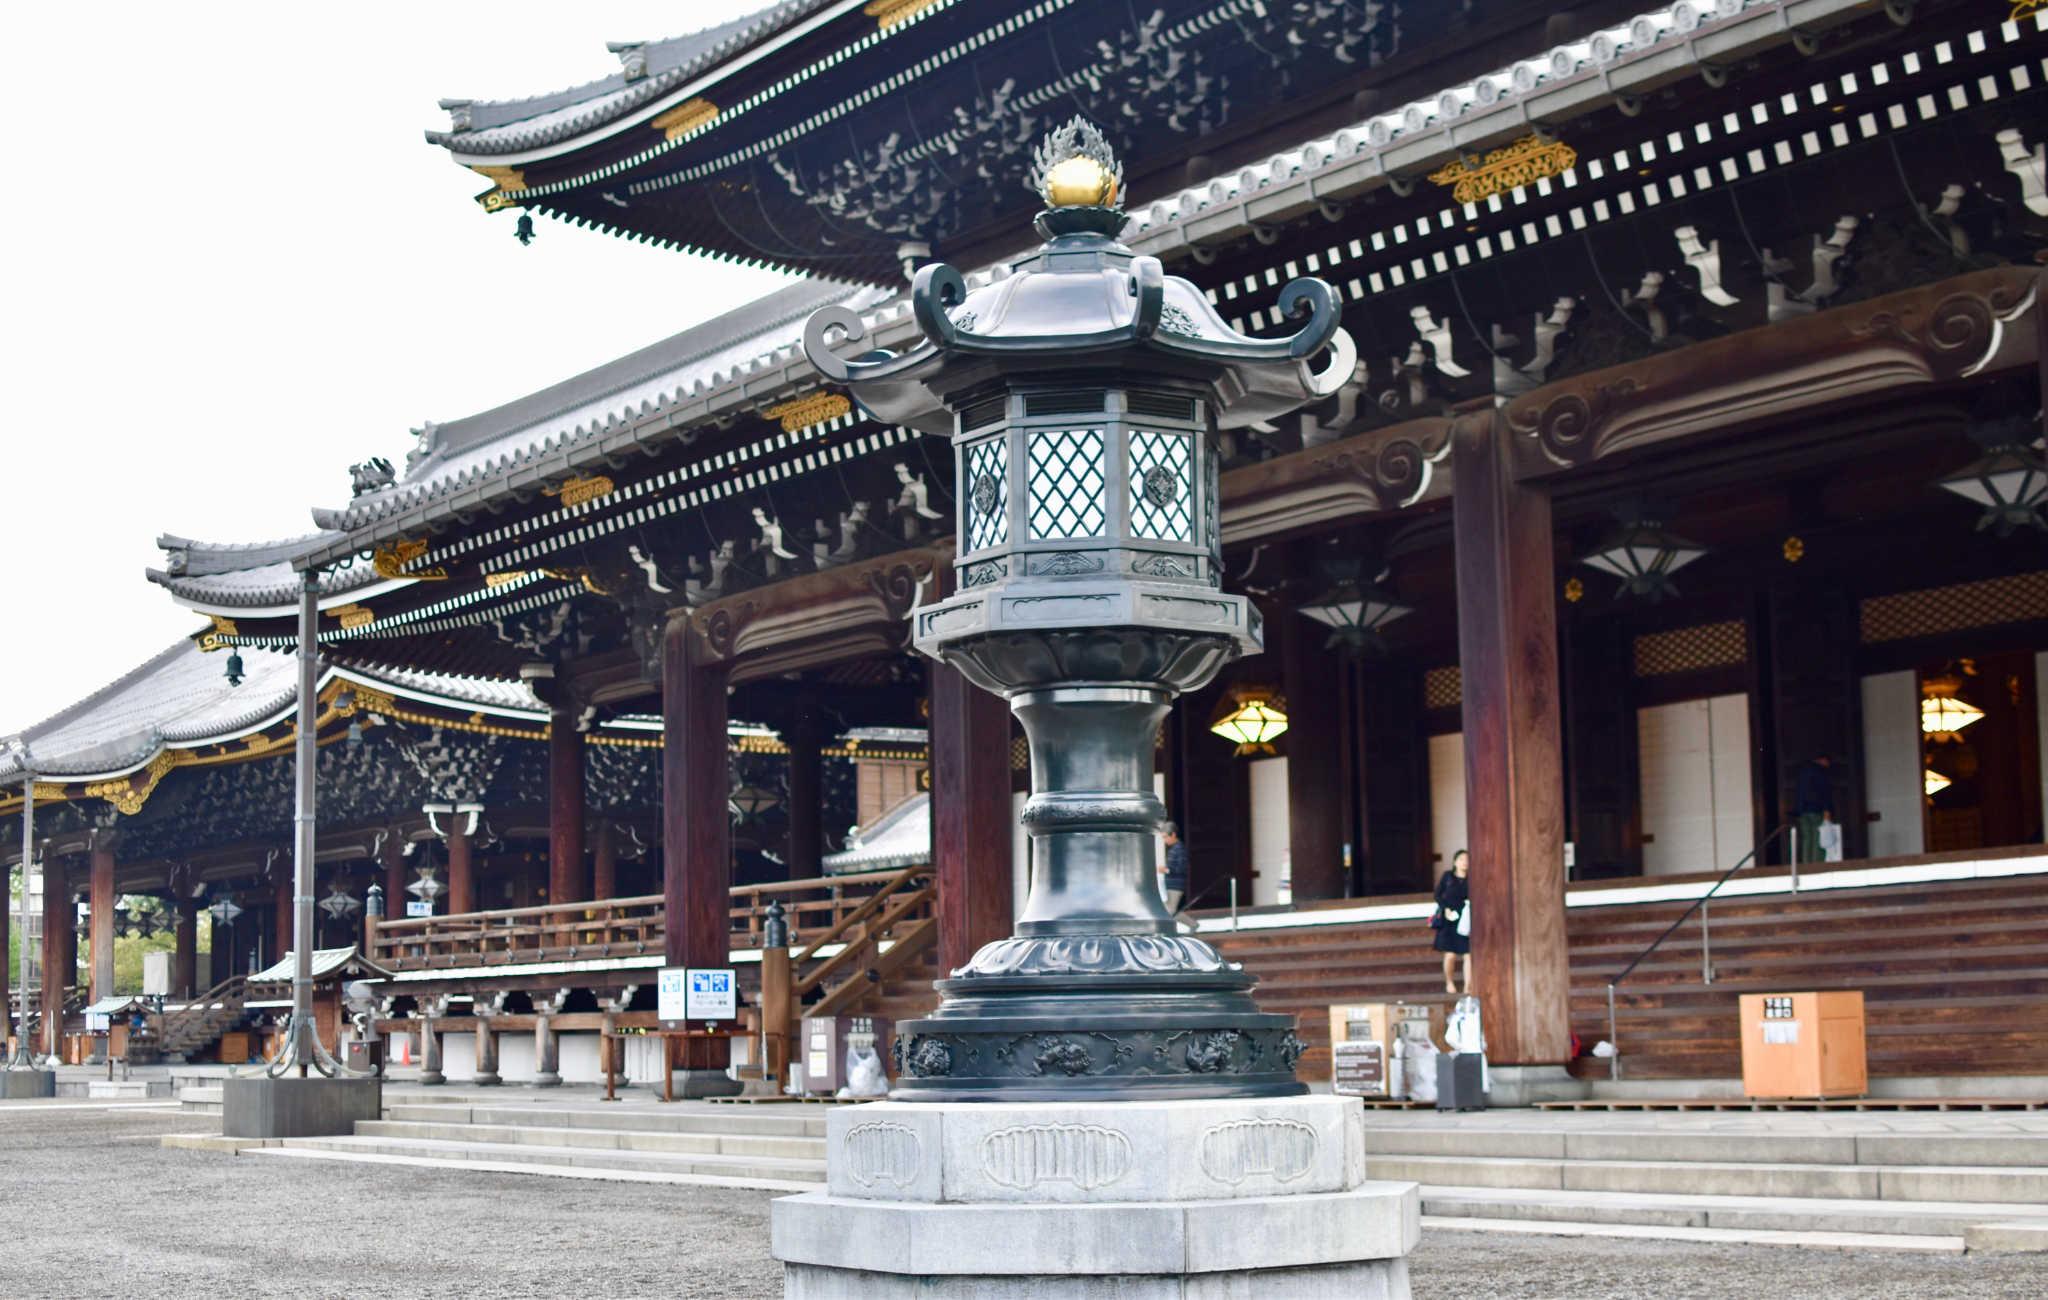 Des énormes lanternes sont disposées dans l'enceinte